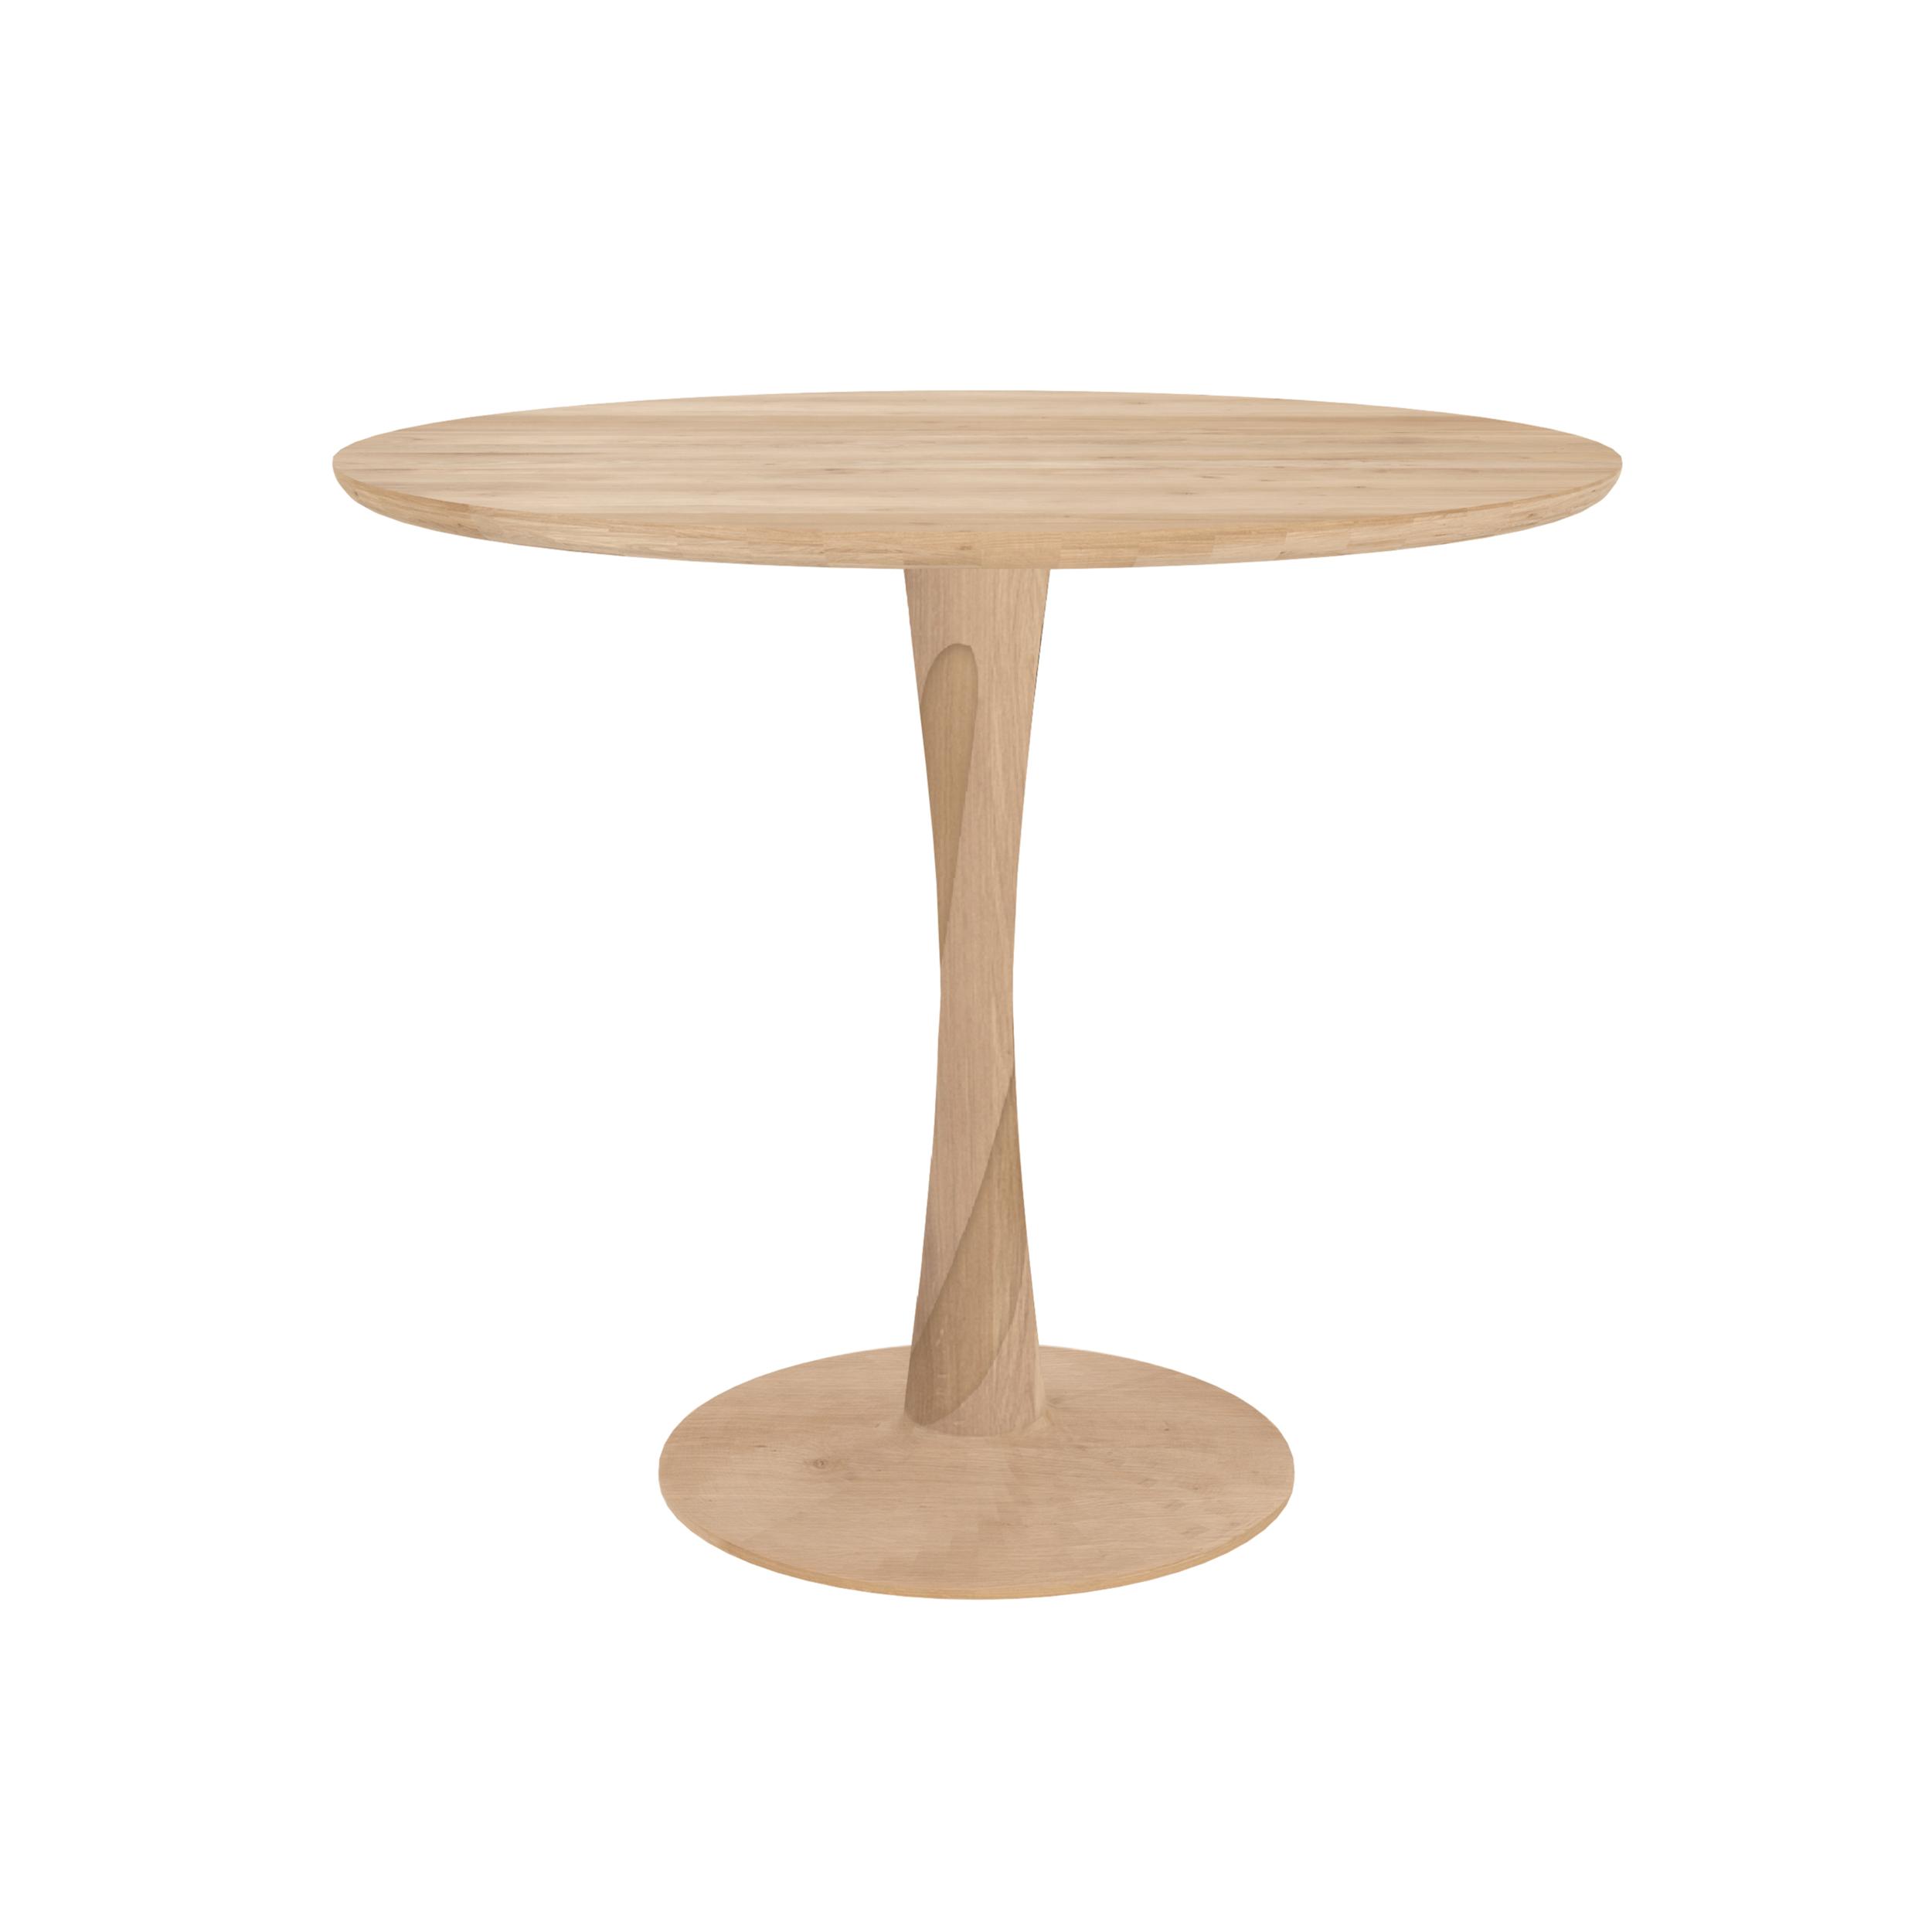 50018 Torsion dining table - Oak.jpg.png